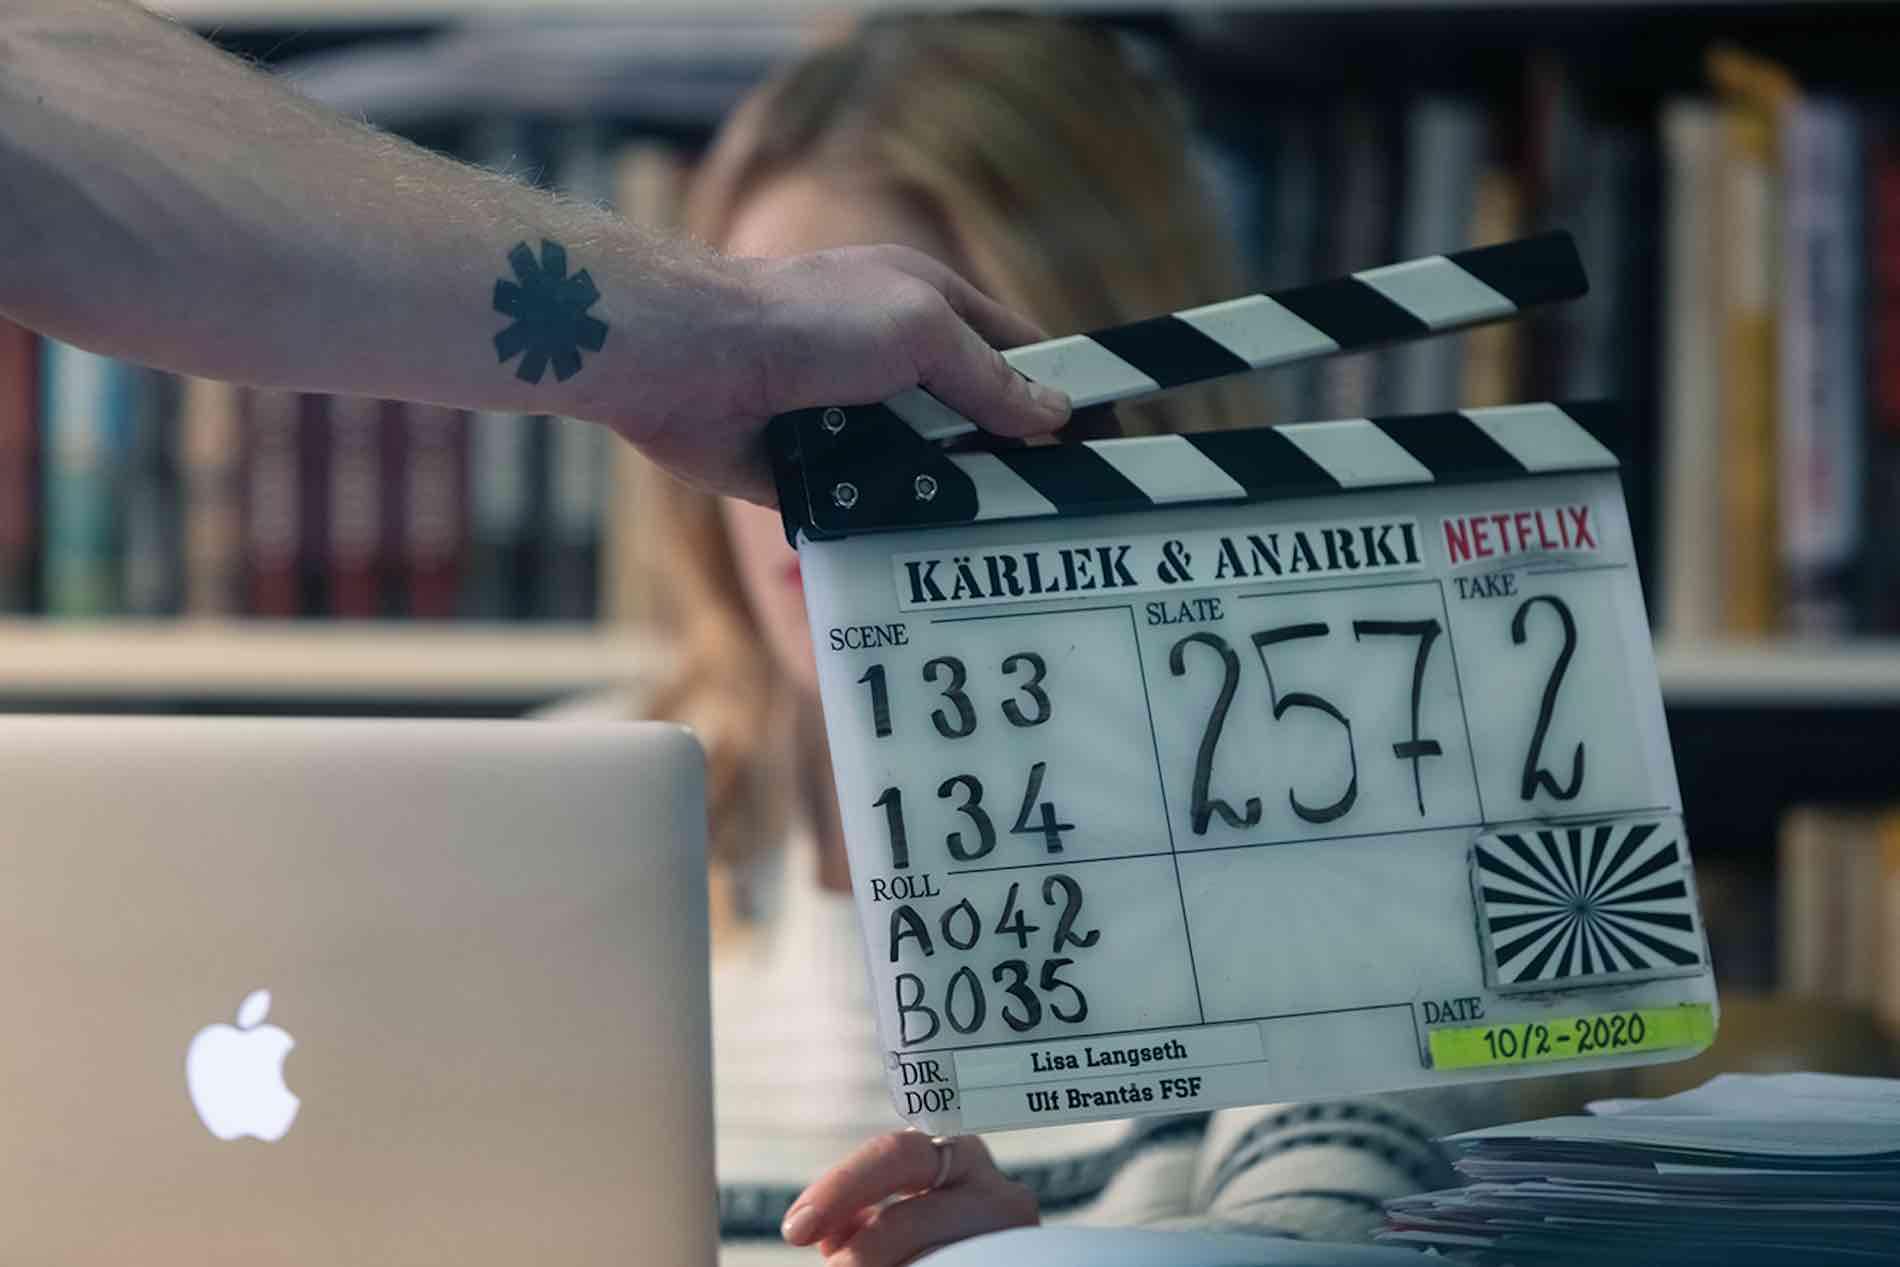 Liebe und Anarchie, Netflix, Skandinavische Serie